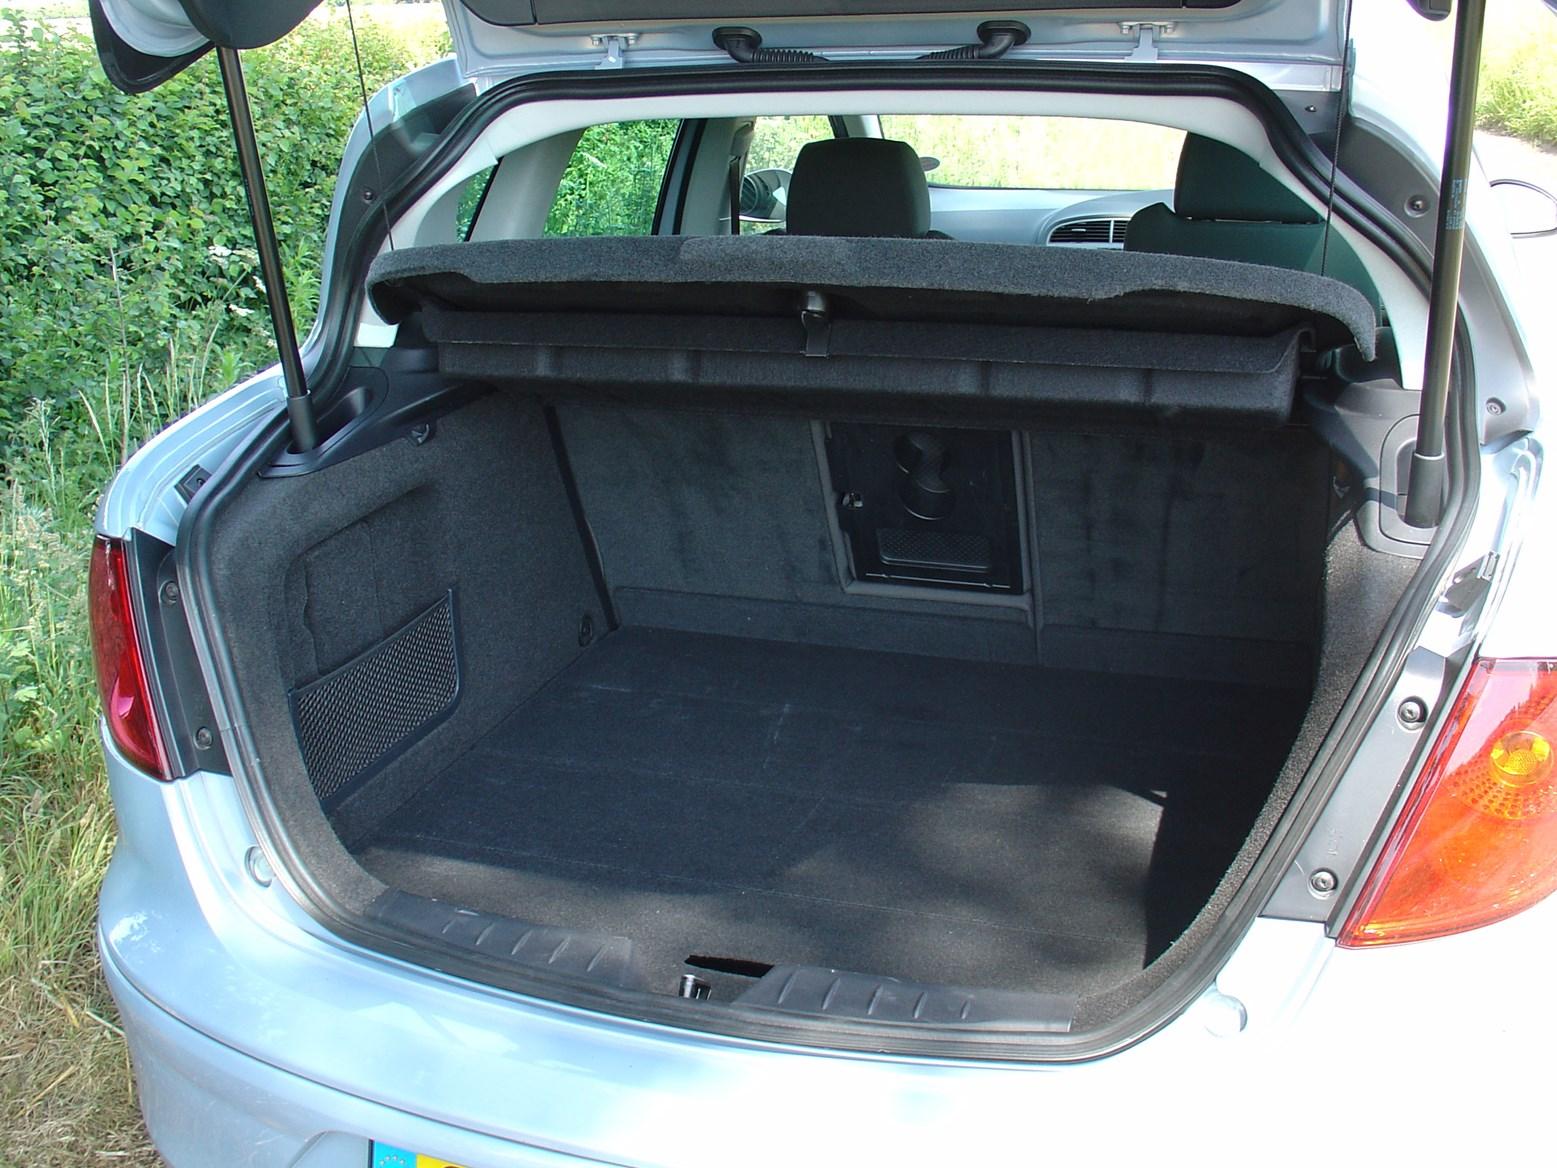 seat toledo hatchback review 2005 2008 parkers. Black Bedroom Furniture Sets. Home Design Ideas